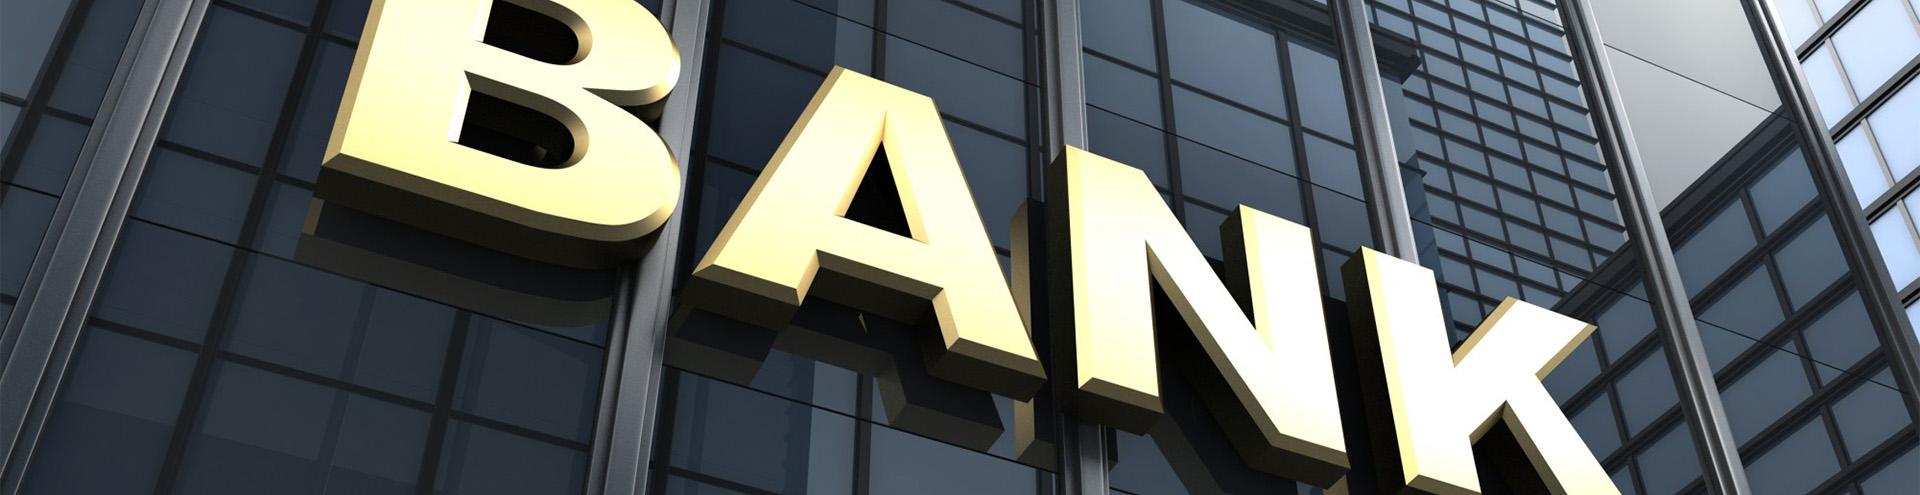 Споры с банками в Ярославле и Ярославской области